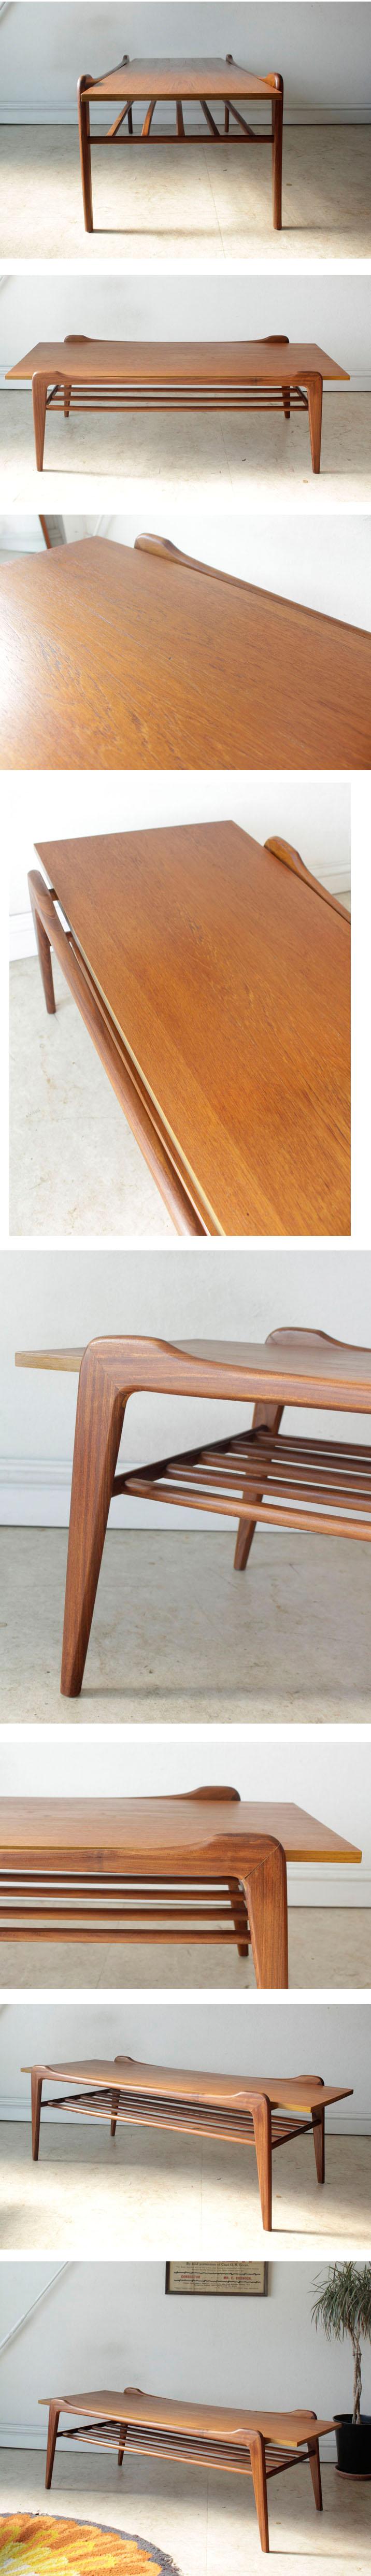 デンマーク製コーヒーテーブル・チーク・ビンテージ・アンティーク